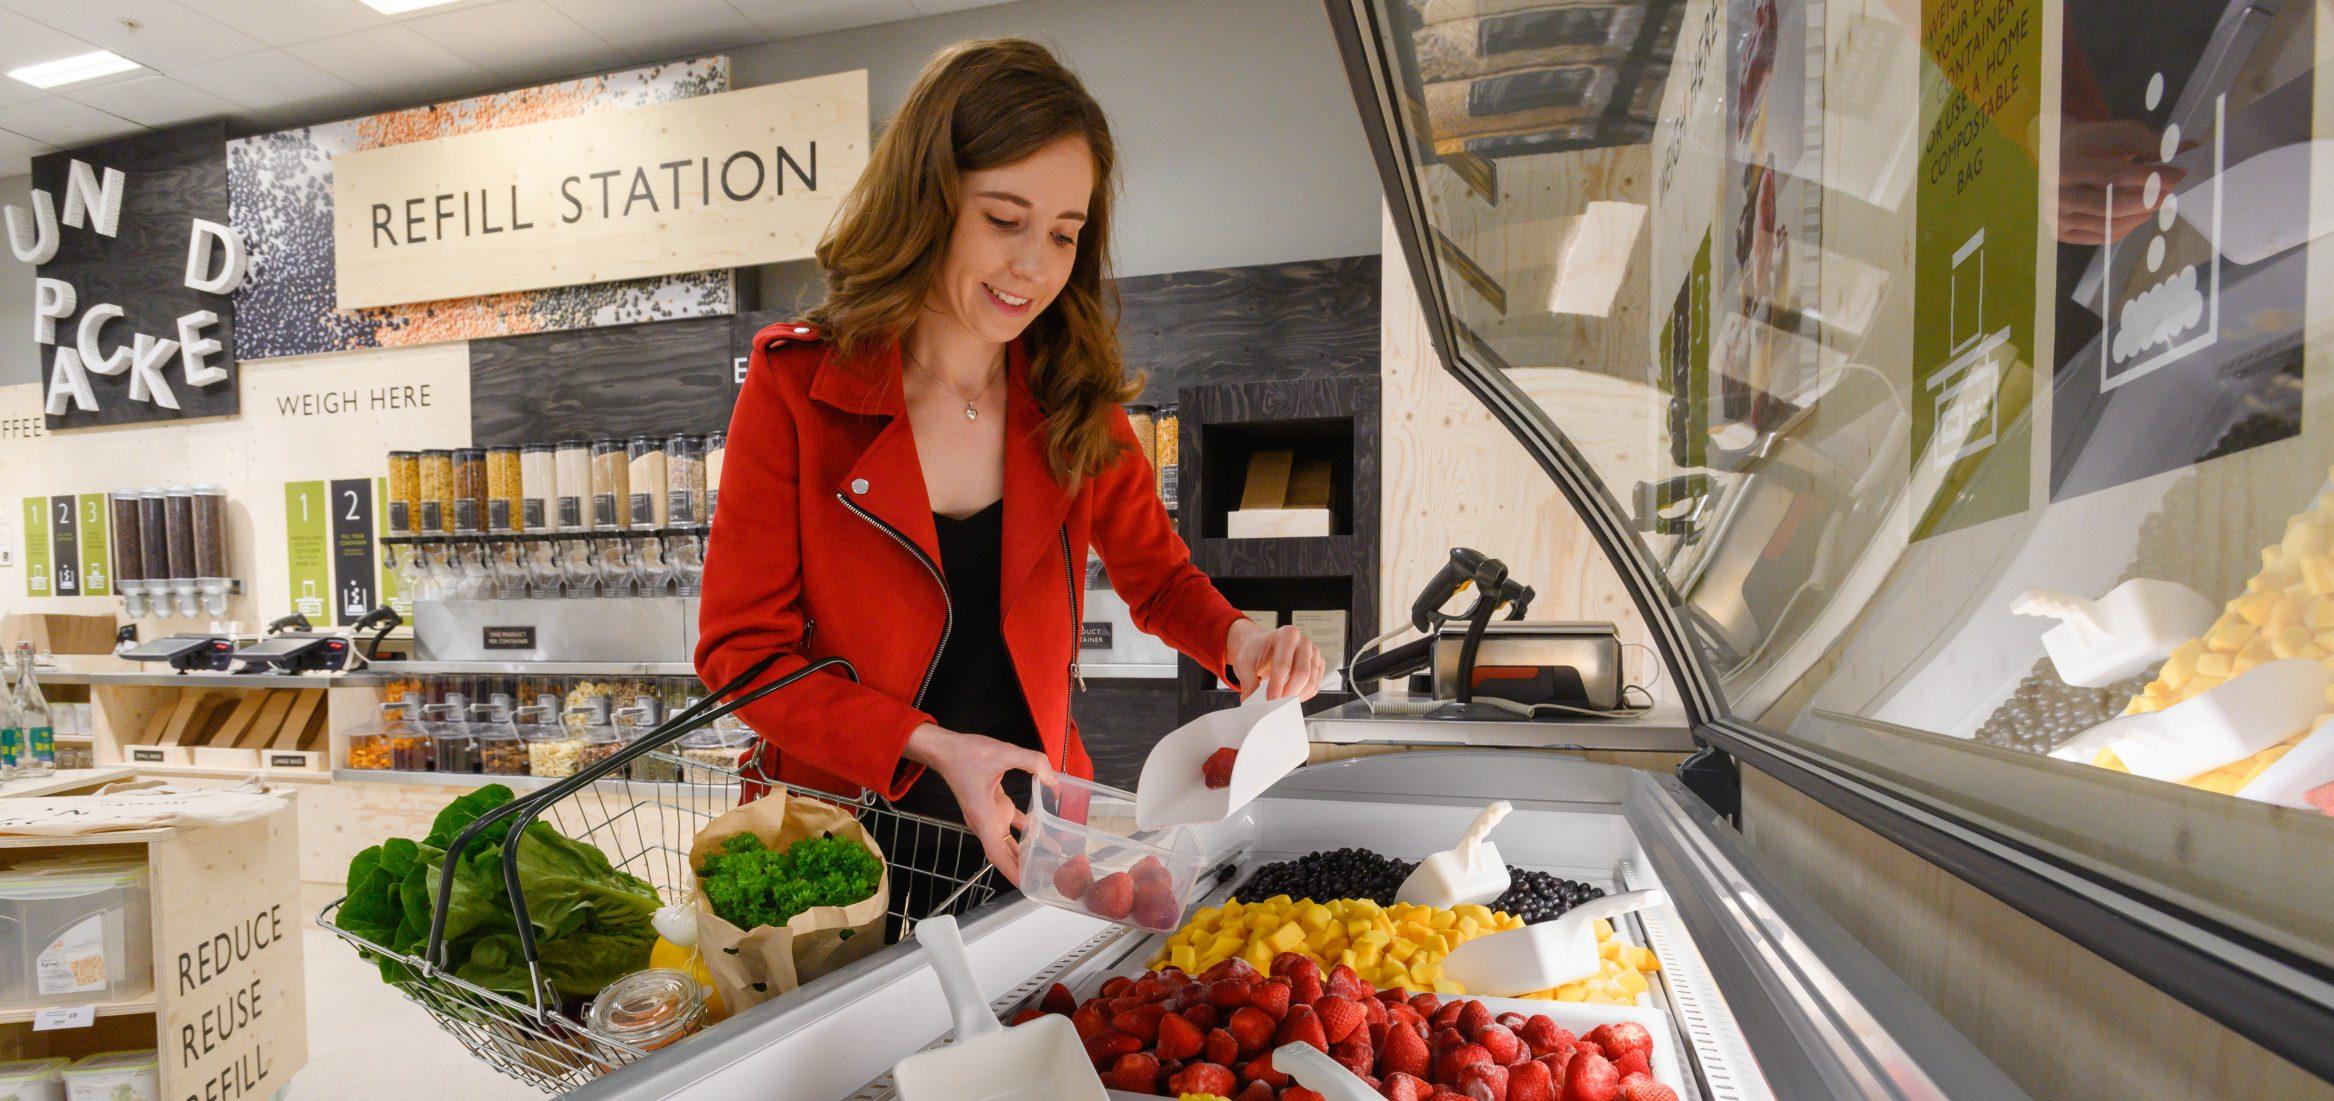 waitrose-refill-station-plastic-free